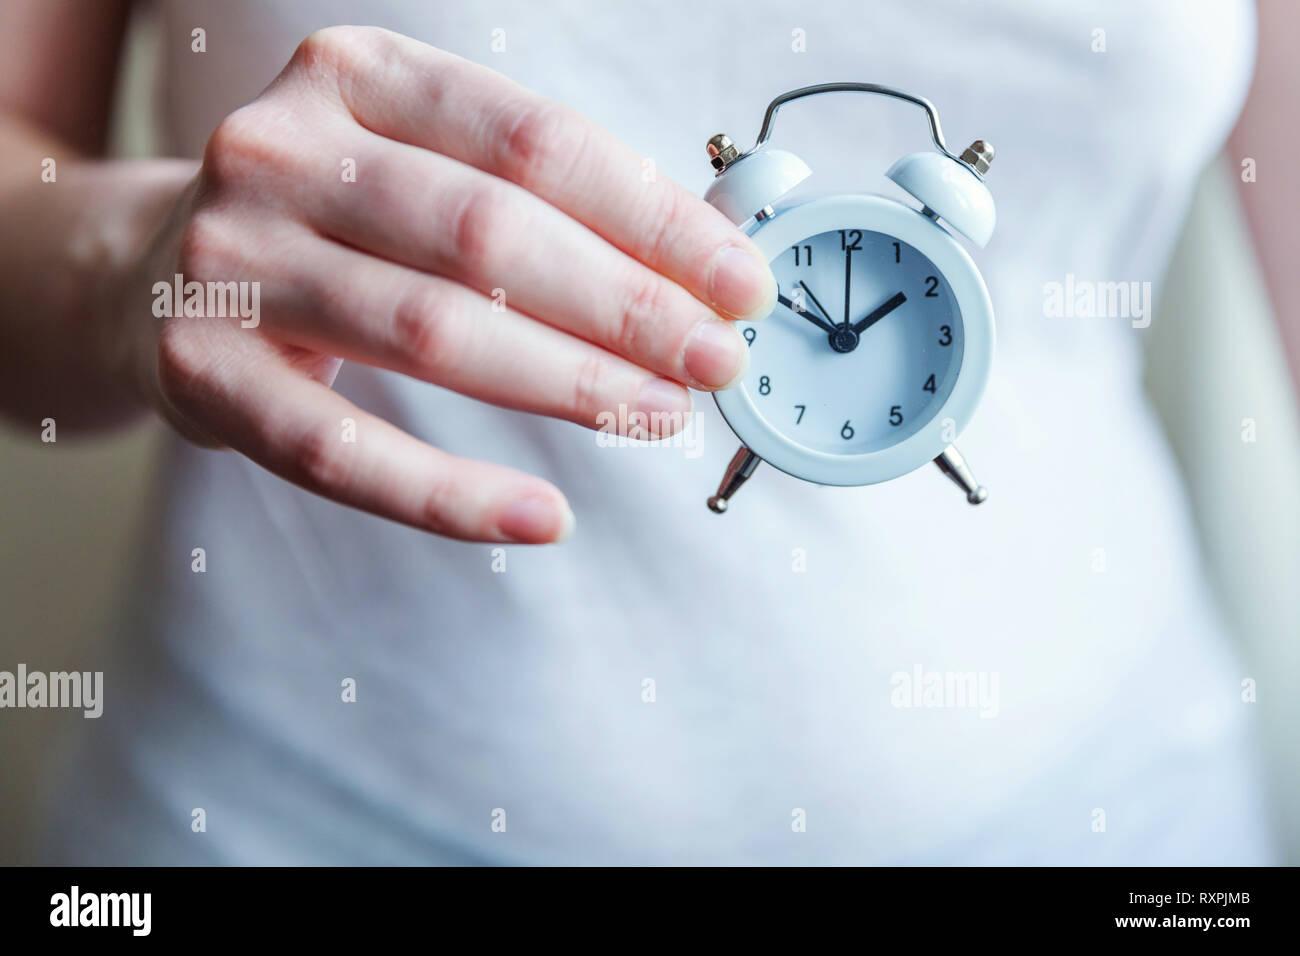 Mujer femenina manos sosteniendo sonando twin bell vintage clásico de despertador. El tiempo de descanso de la vida buenos días, noche despertarse despierto concepto Foto de stock